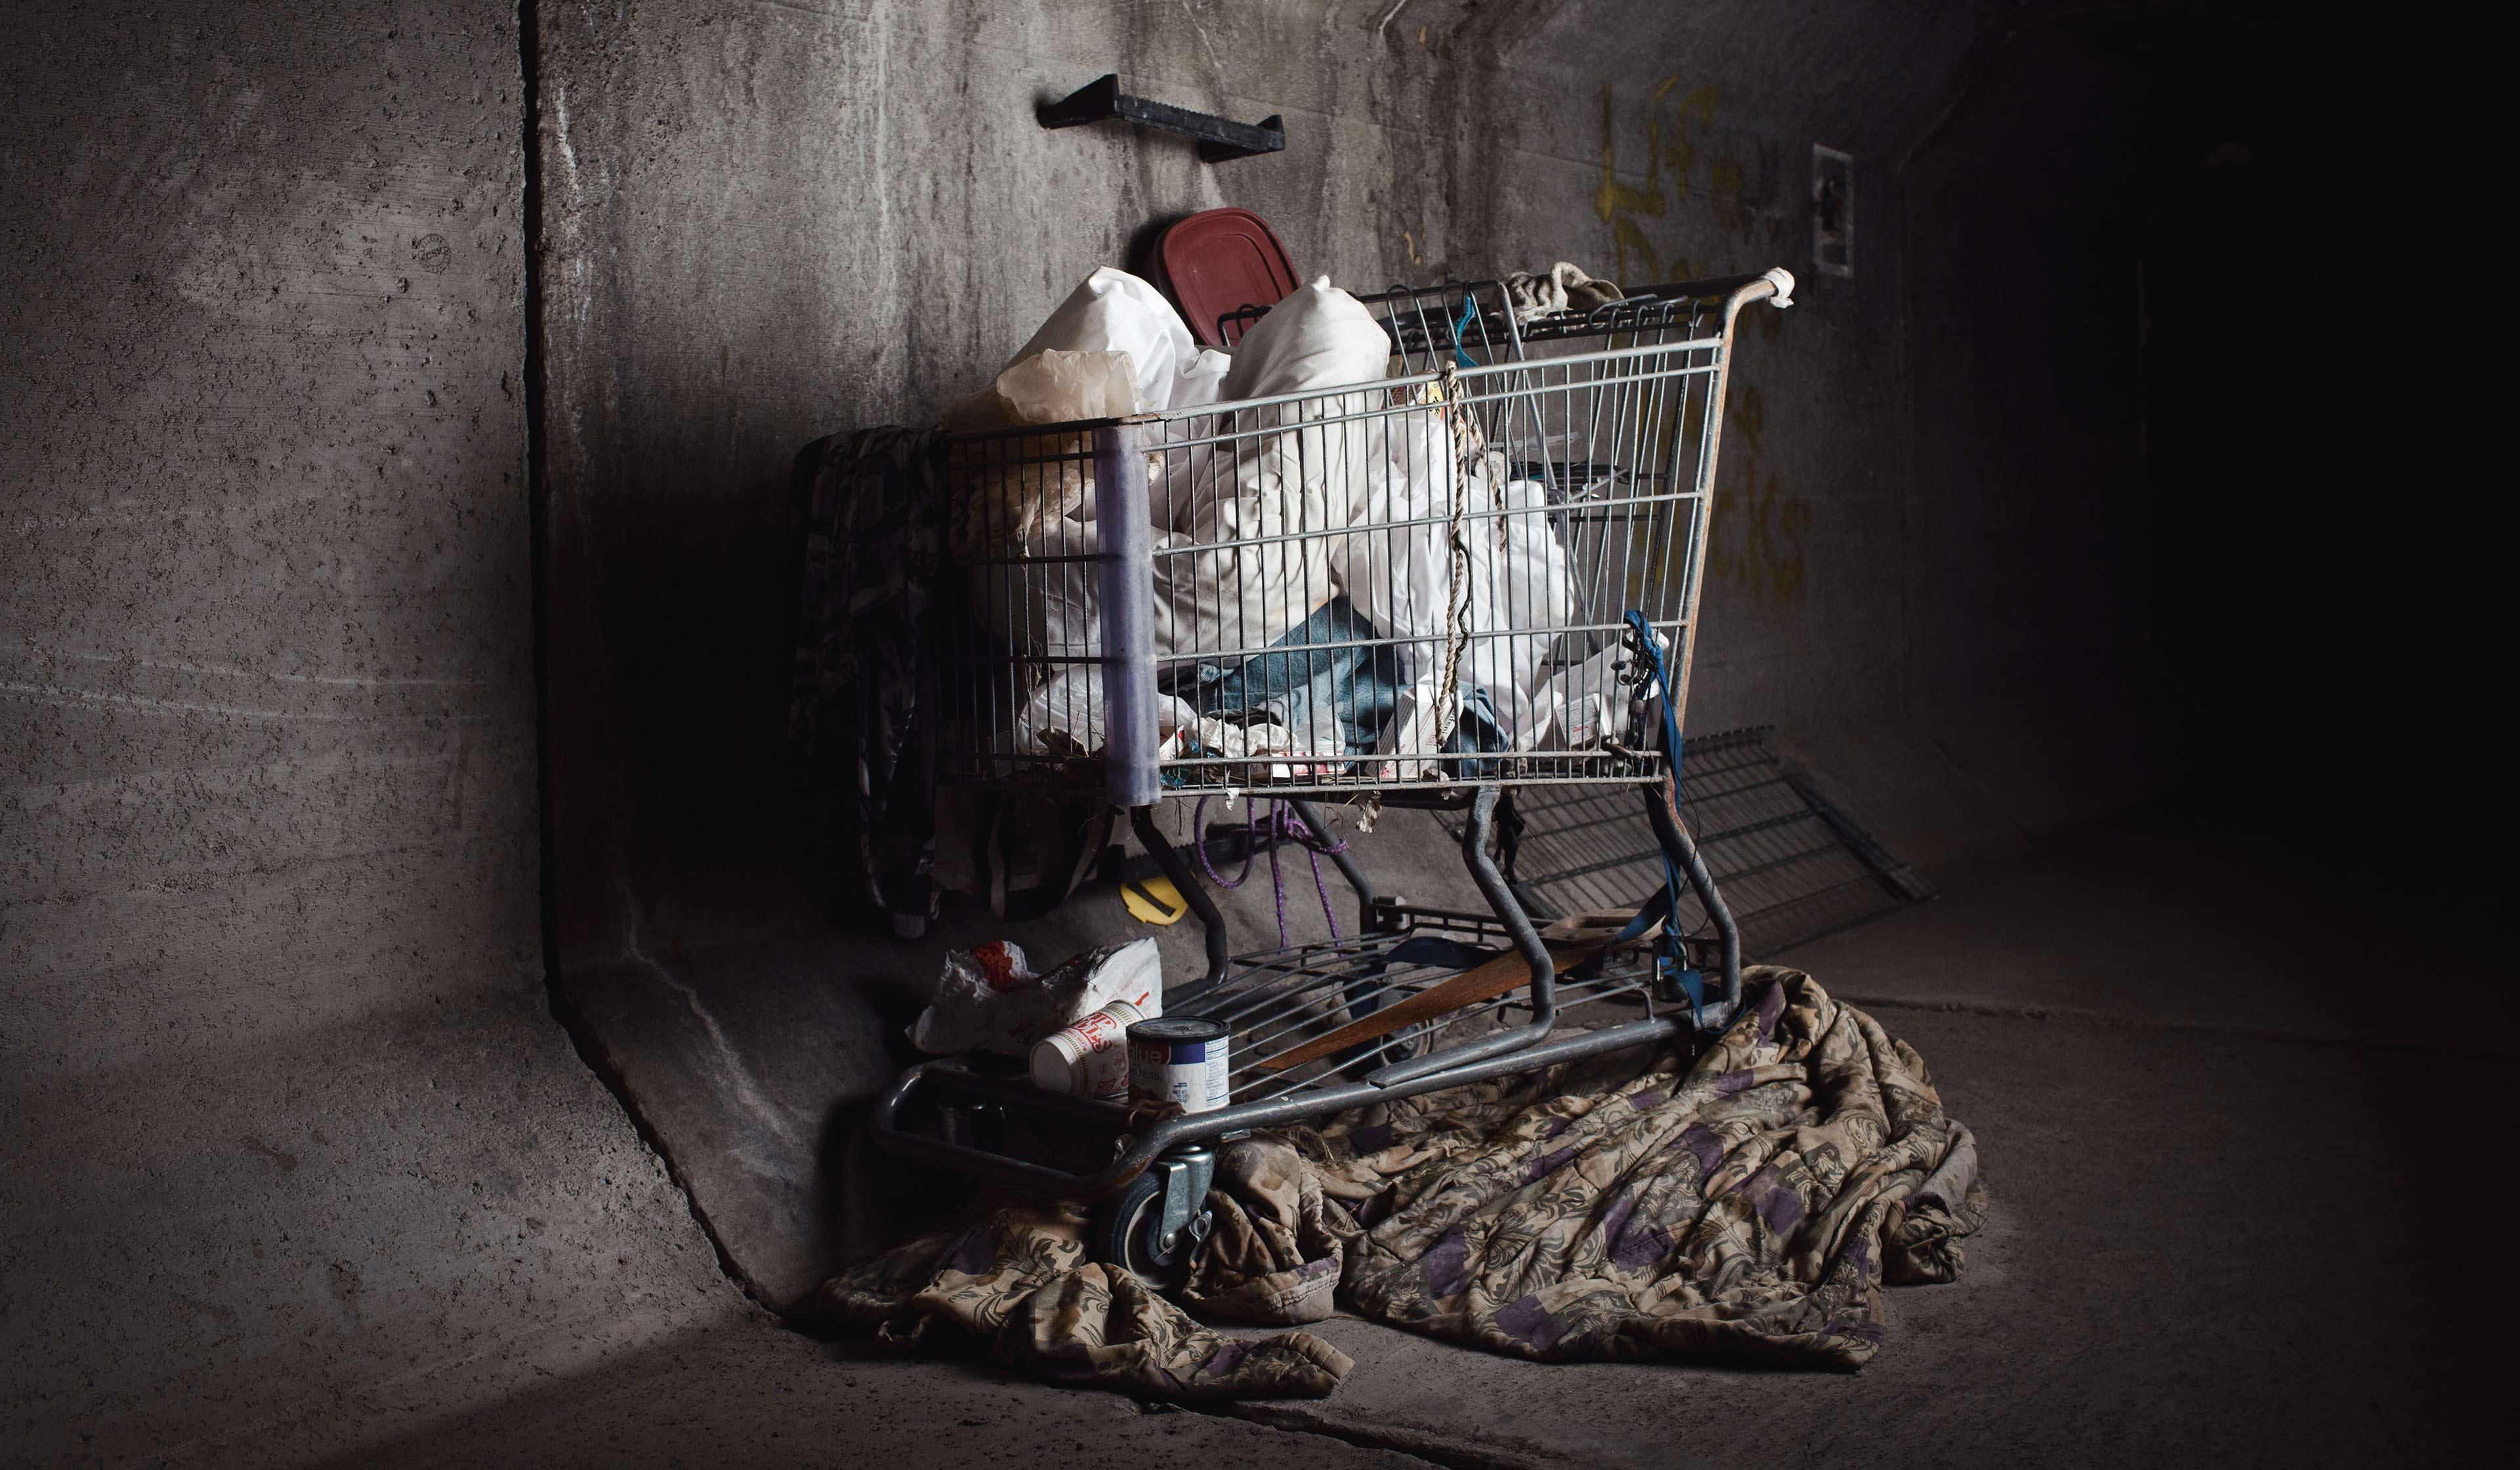 Huck-LVTunnels-Photoby-GregFunnellAdamPatterson-WebC